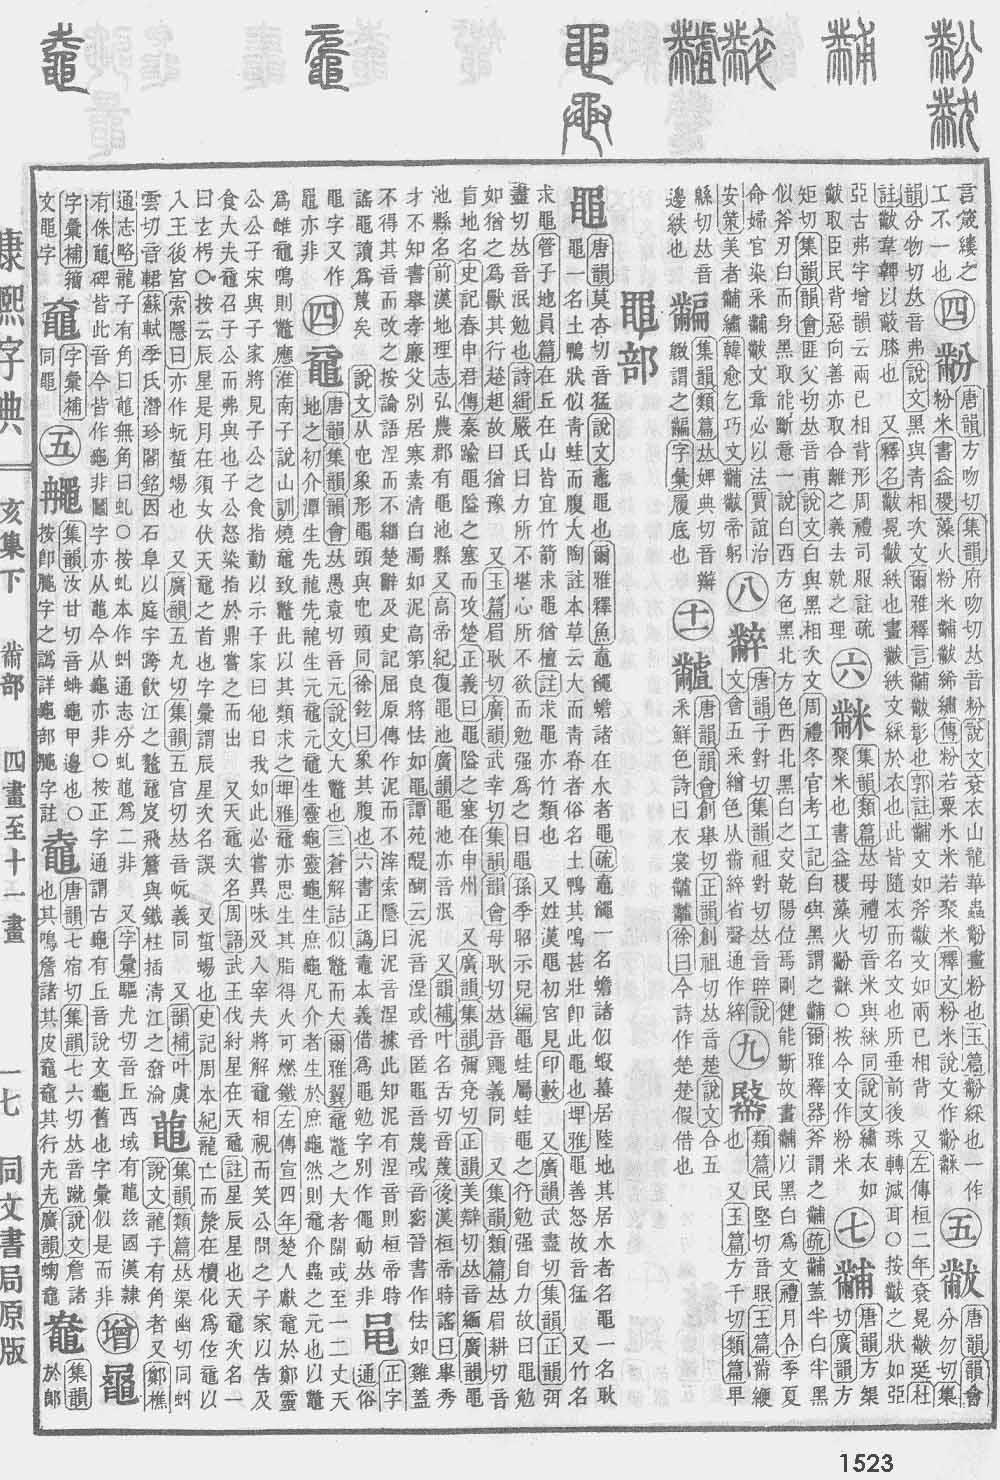 《康熙字典》第1523页